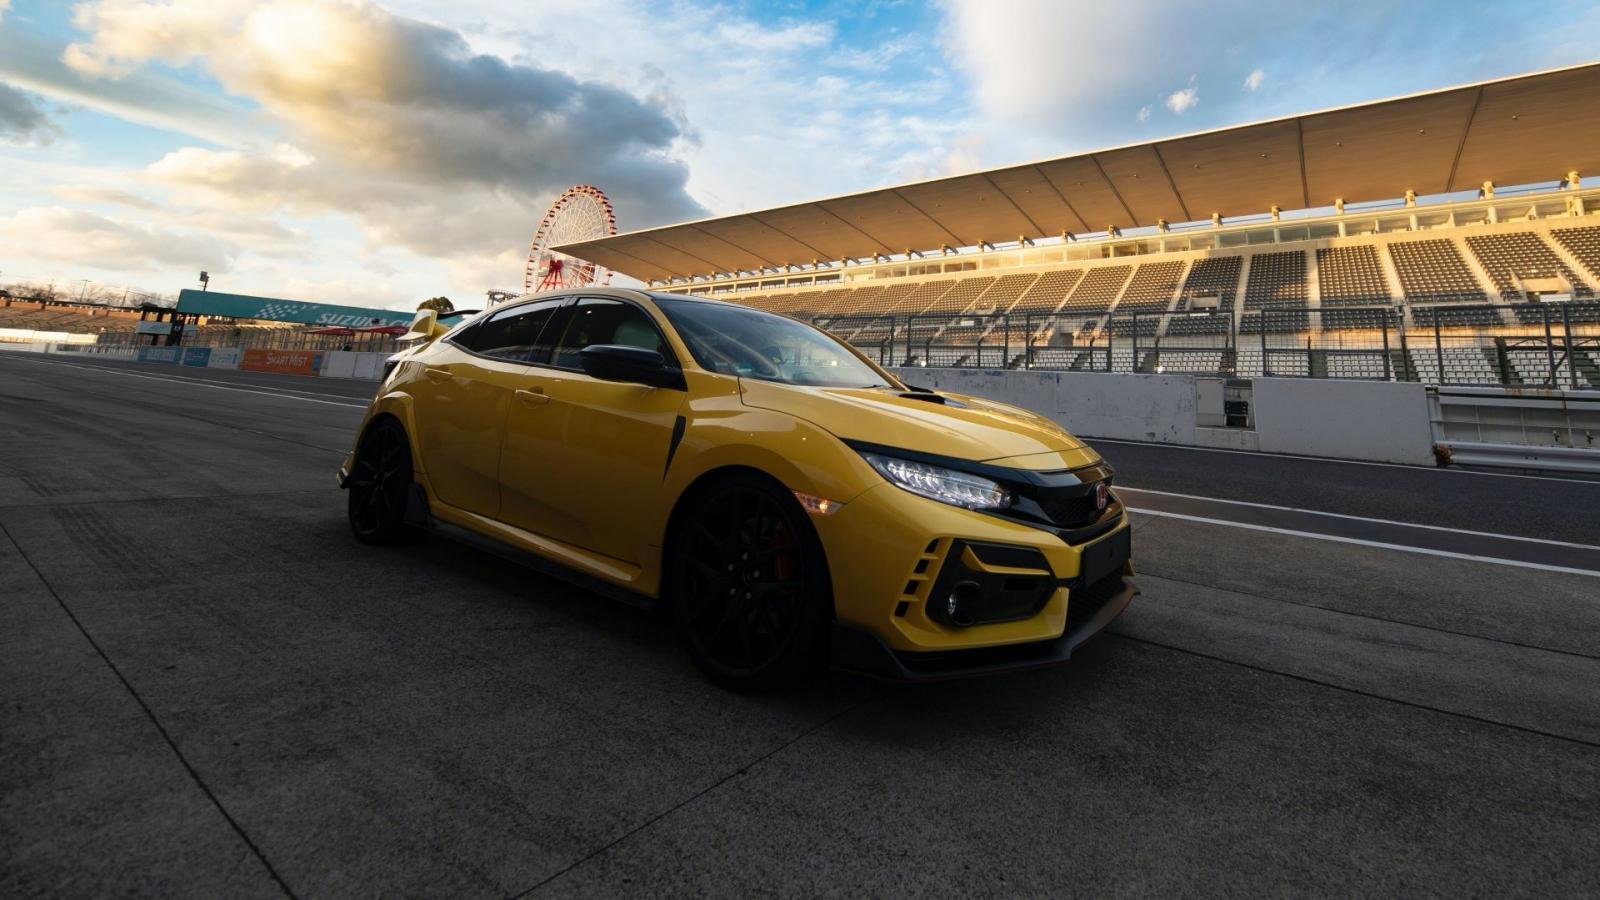 Honda Civic Type R 2021 phiên bản giới hạn lập kỷ lục tại Suzuka